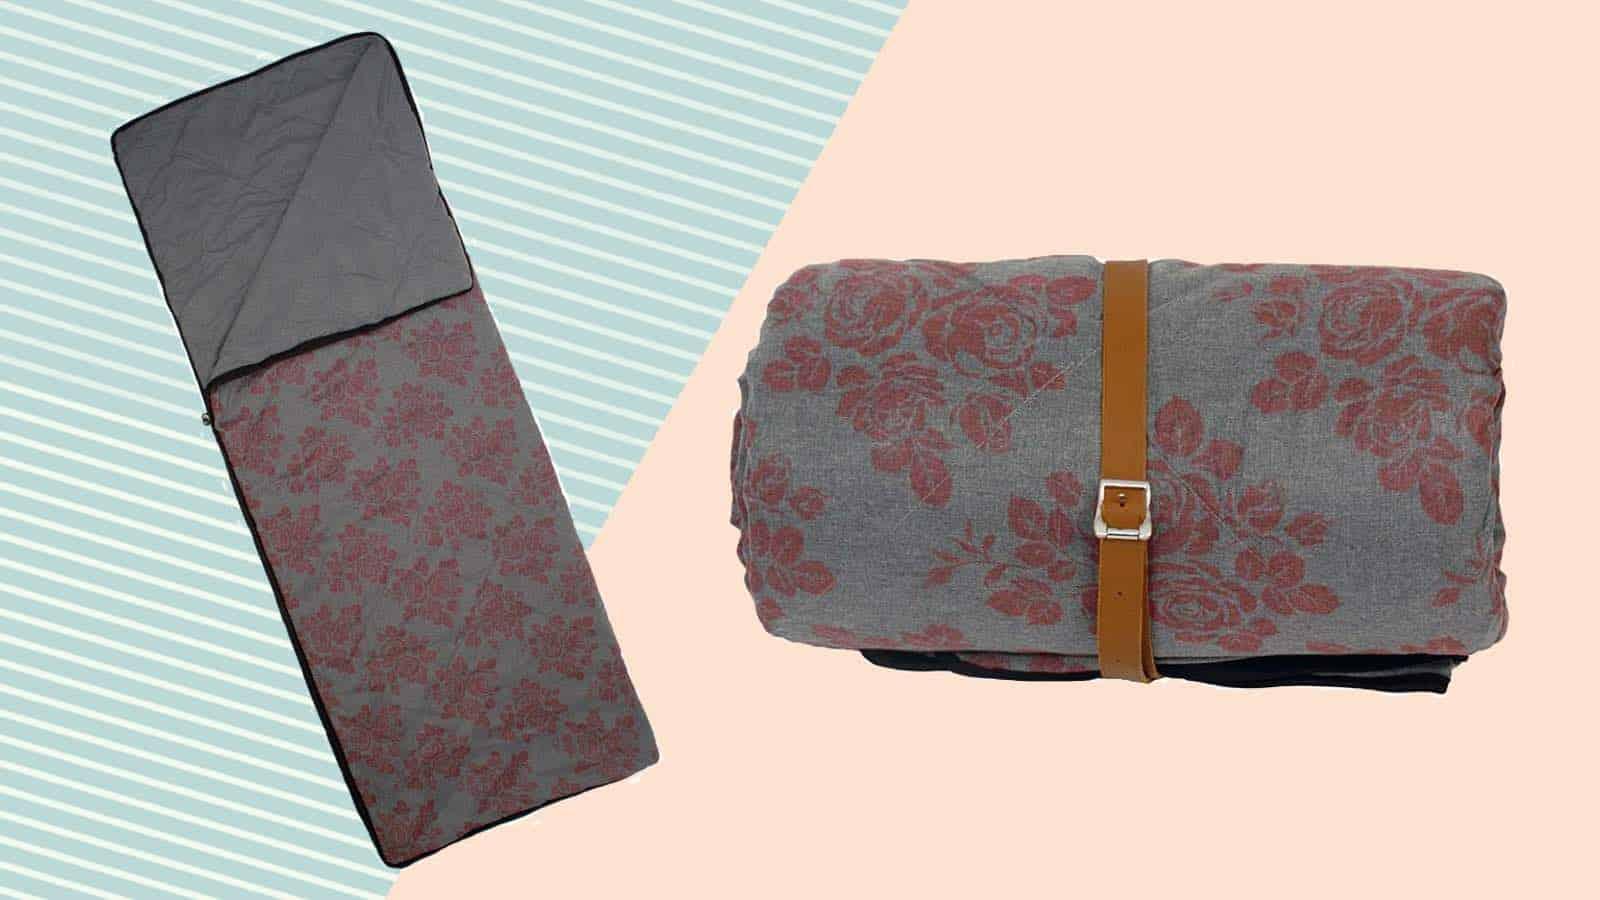 Die Grüezi Bag Wellhealth Blanket Wool Deluxe im Vergleich 2019